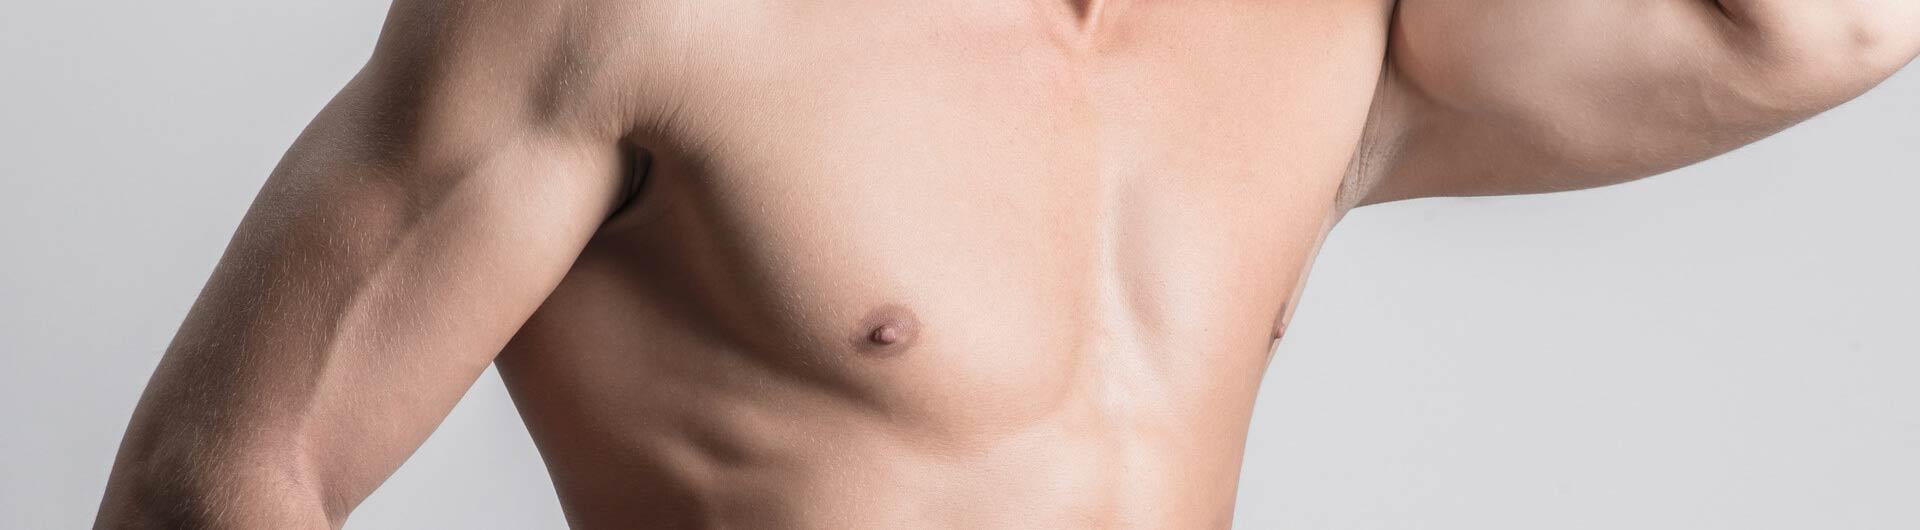 Gynäkomastie bei Männern vor und nach Gewichtsverlust